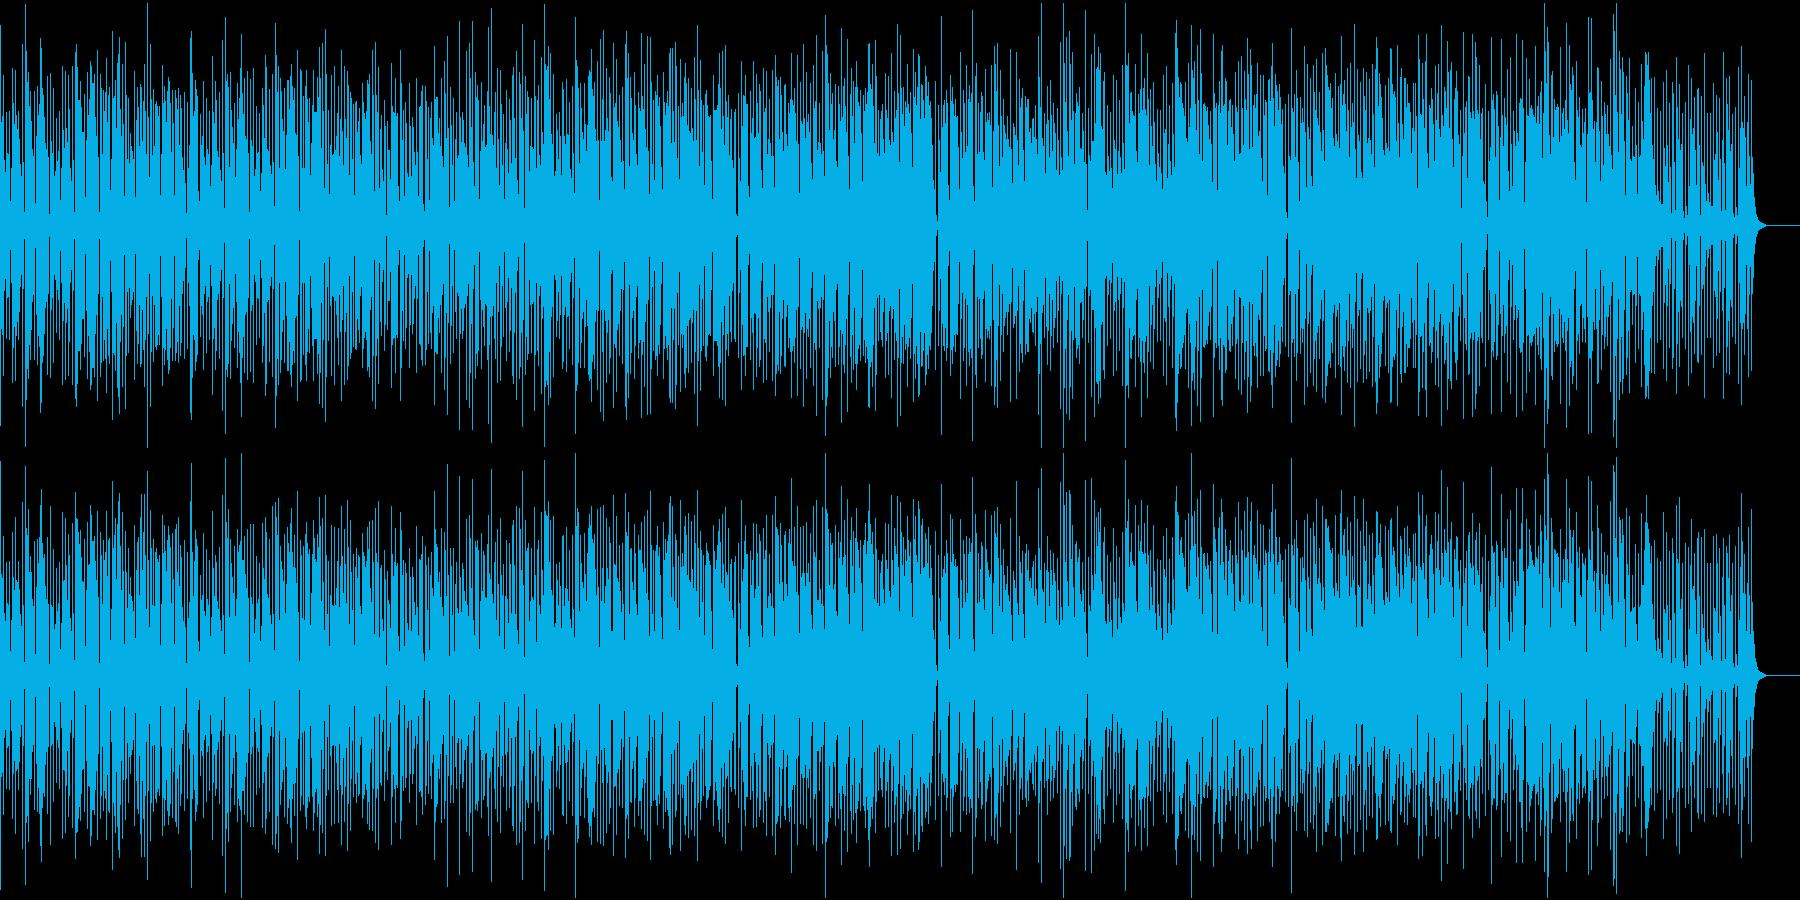 軽快で滑らかな印象のジャズの再生済みの波形